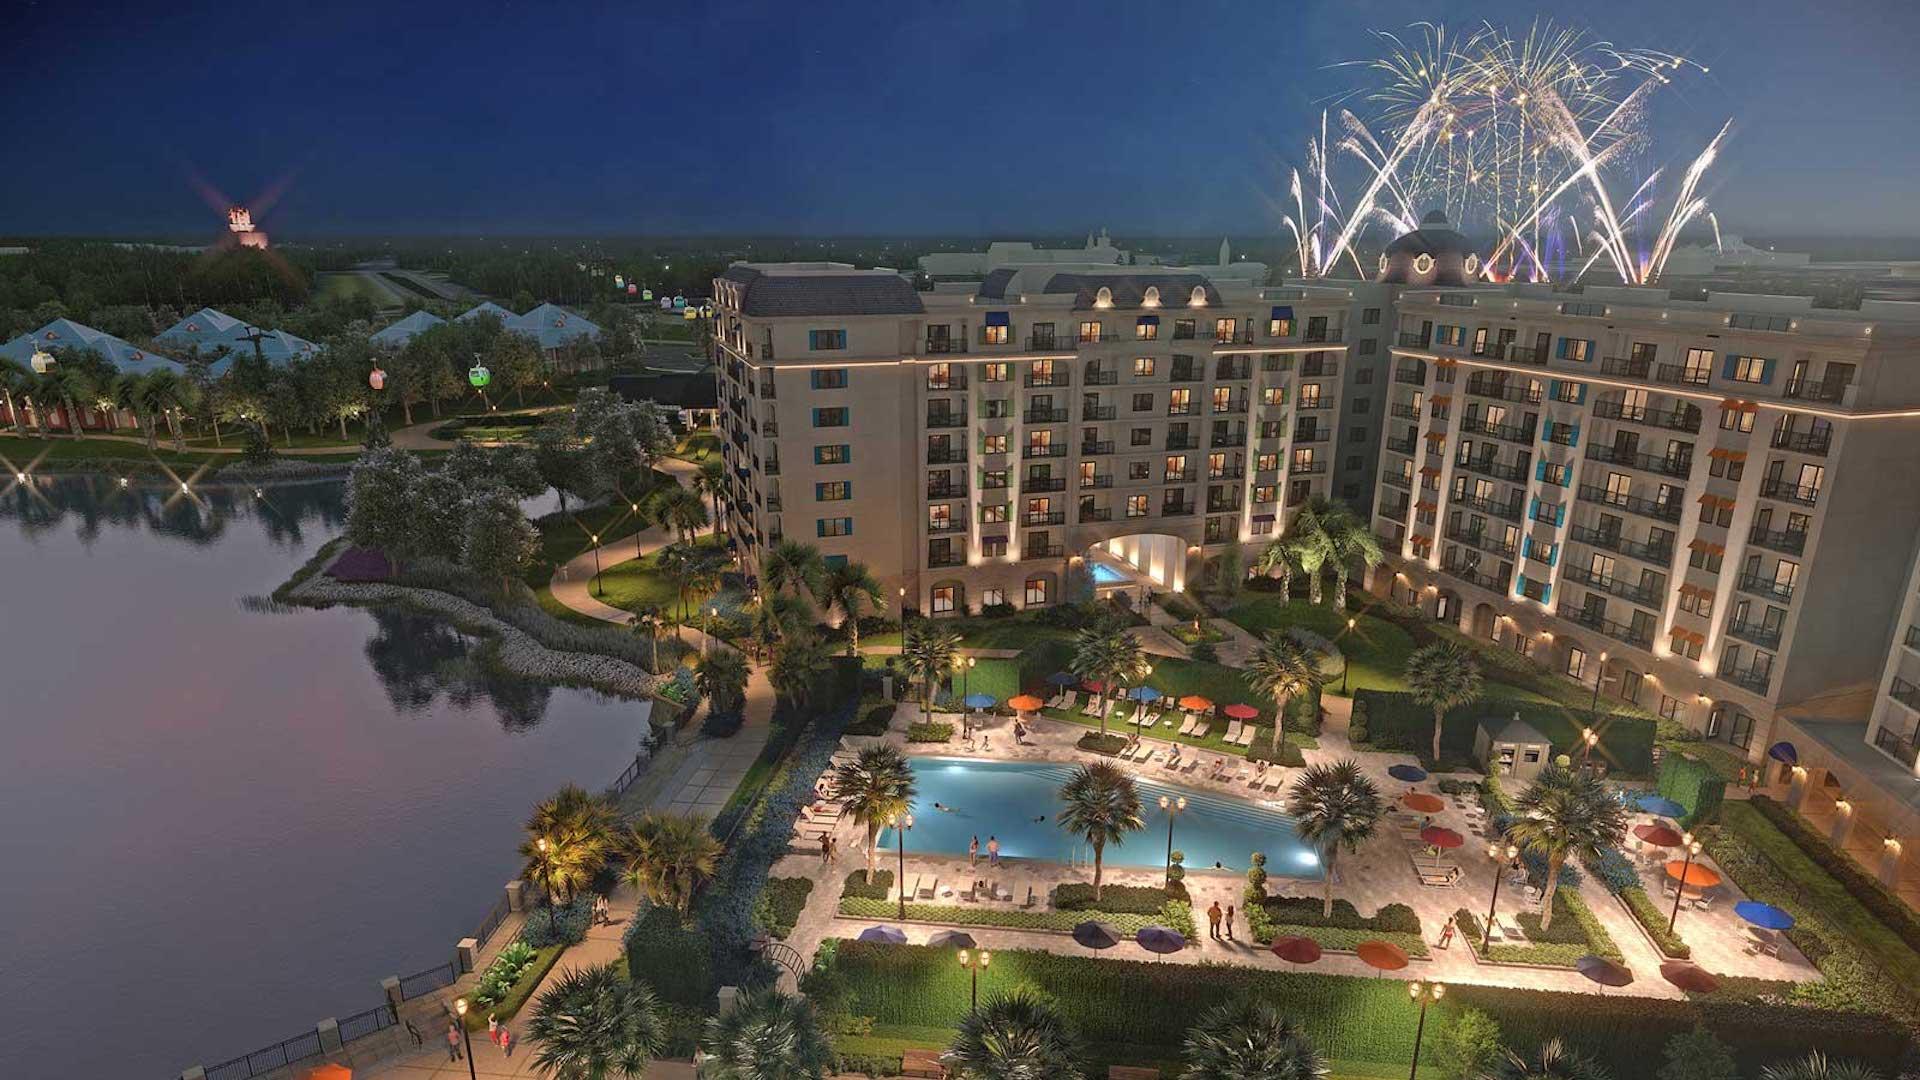 Así es el nuevo hotel de Disney en Florida: Riviera Resort